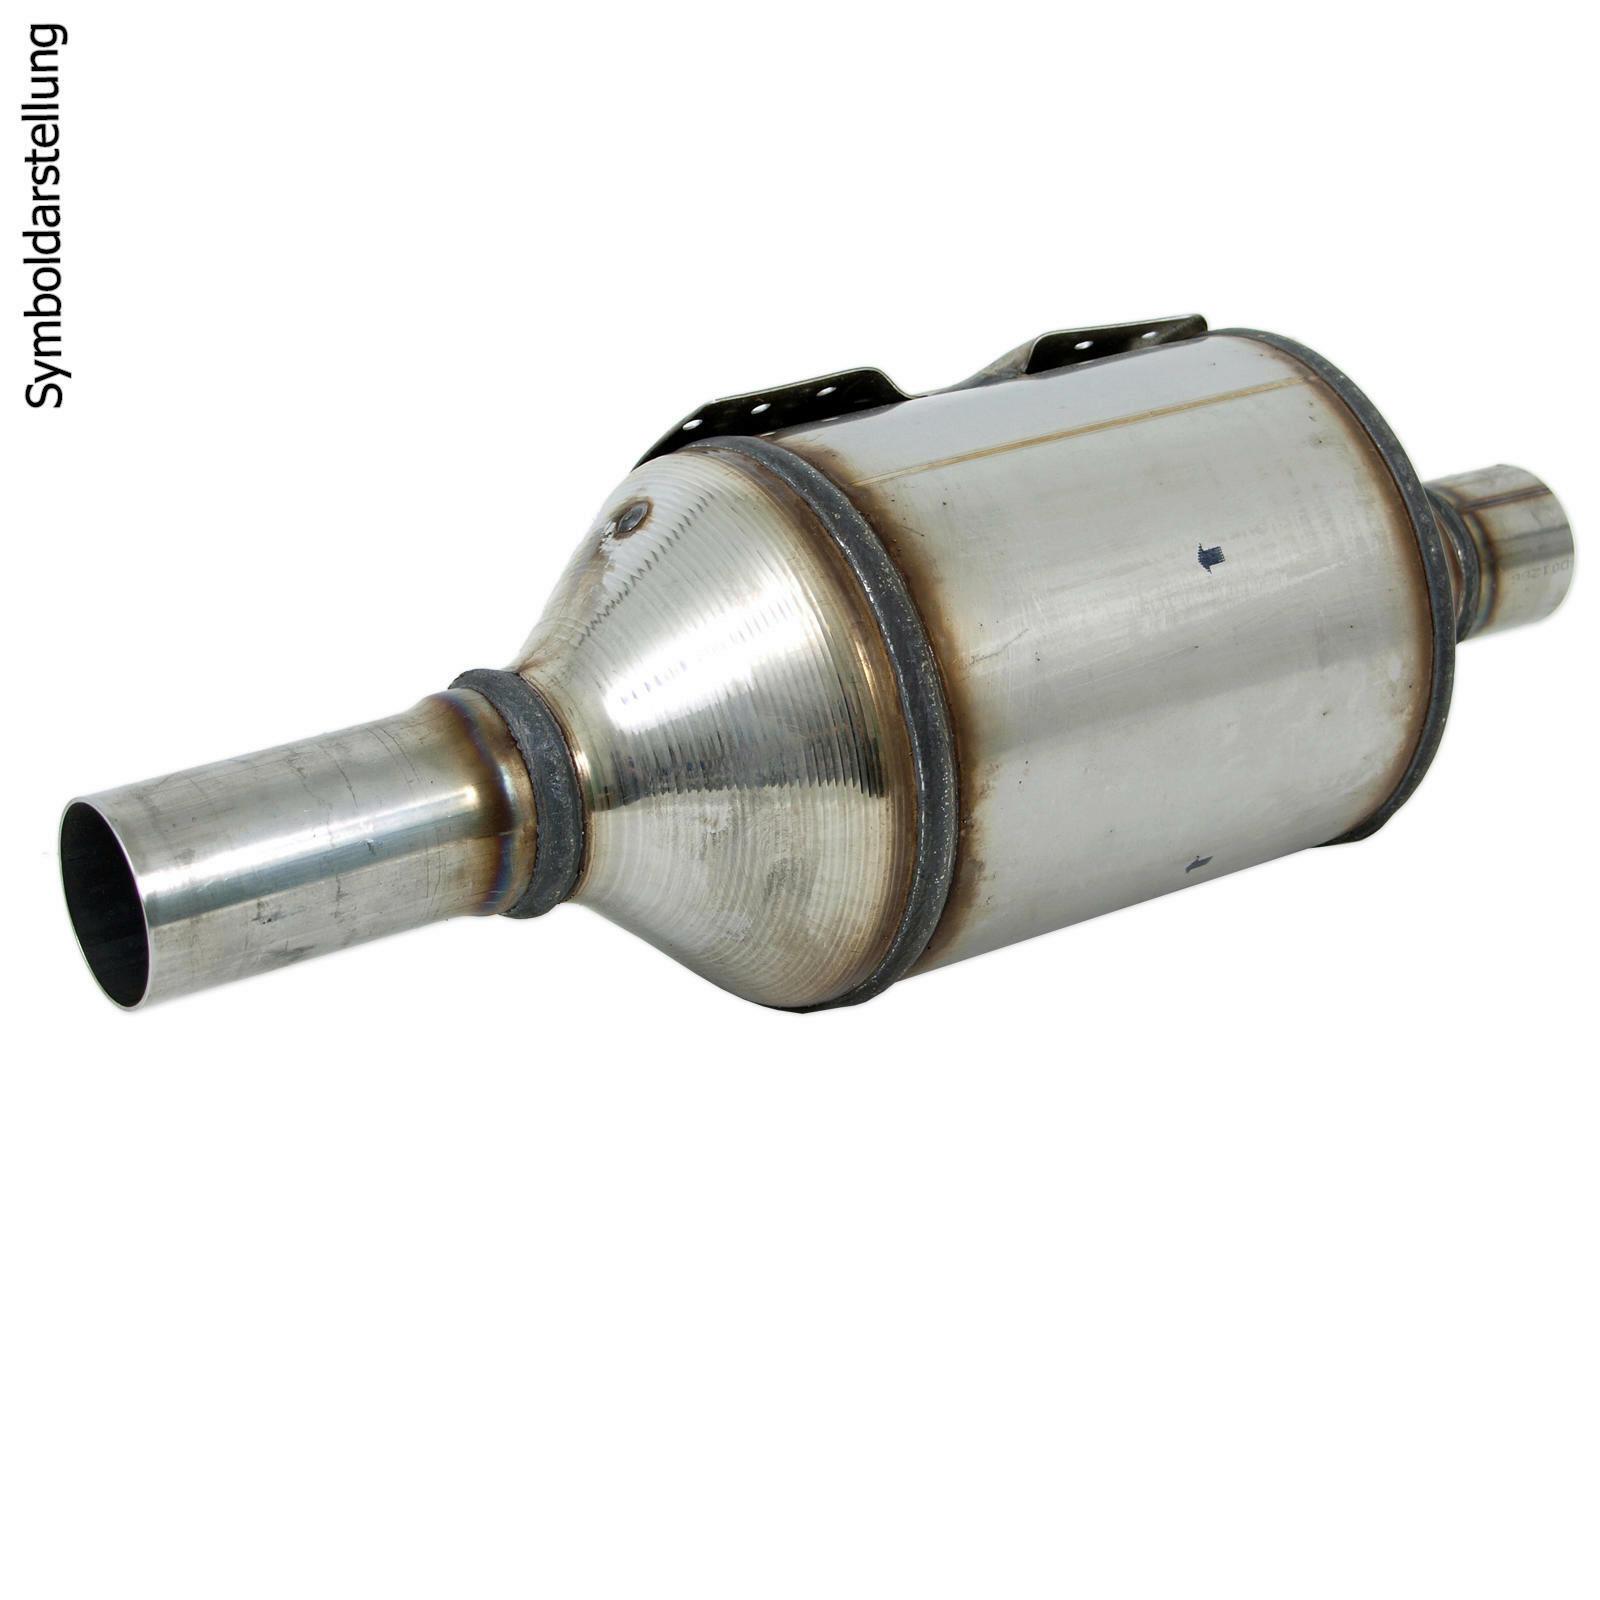 DELPHI Ruß-/Partikelfilter, Abgasanlage